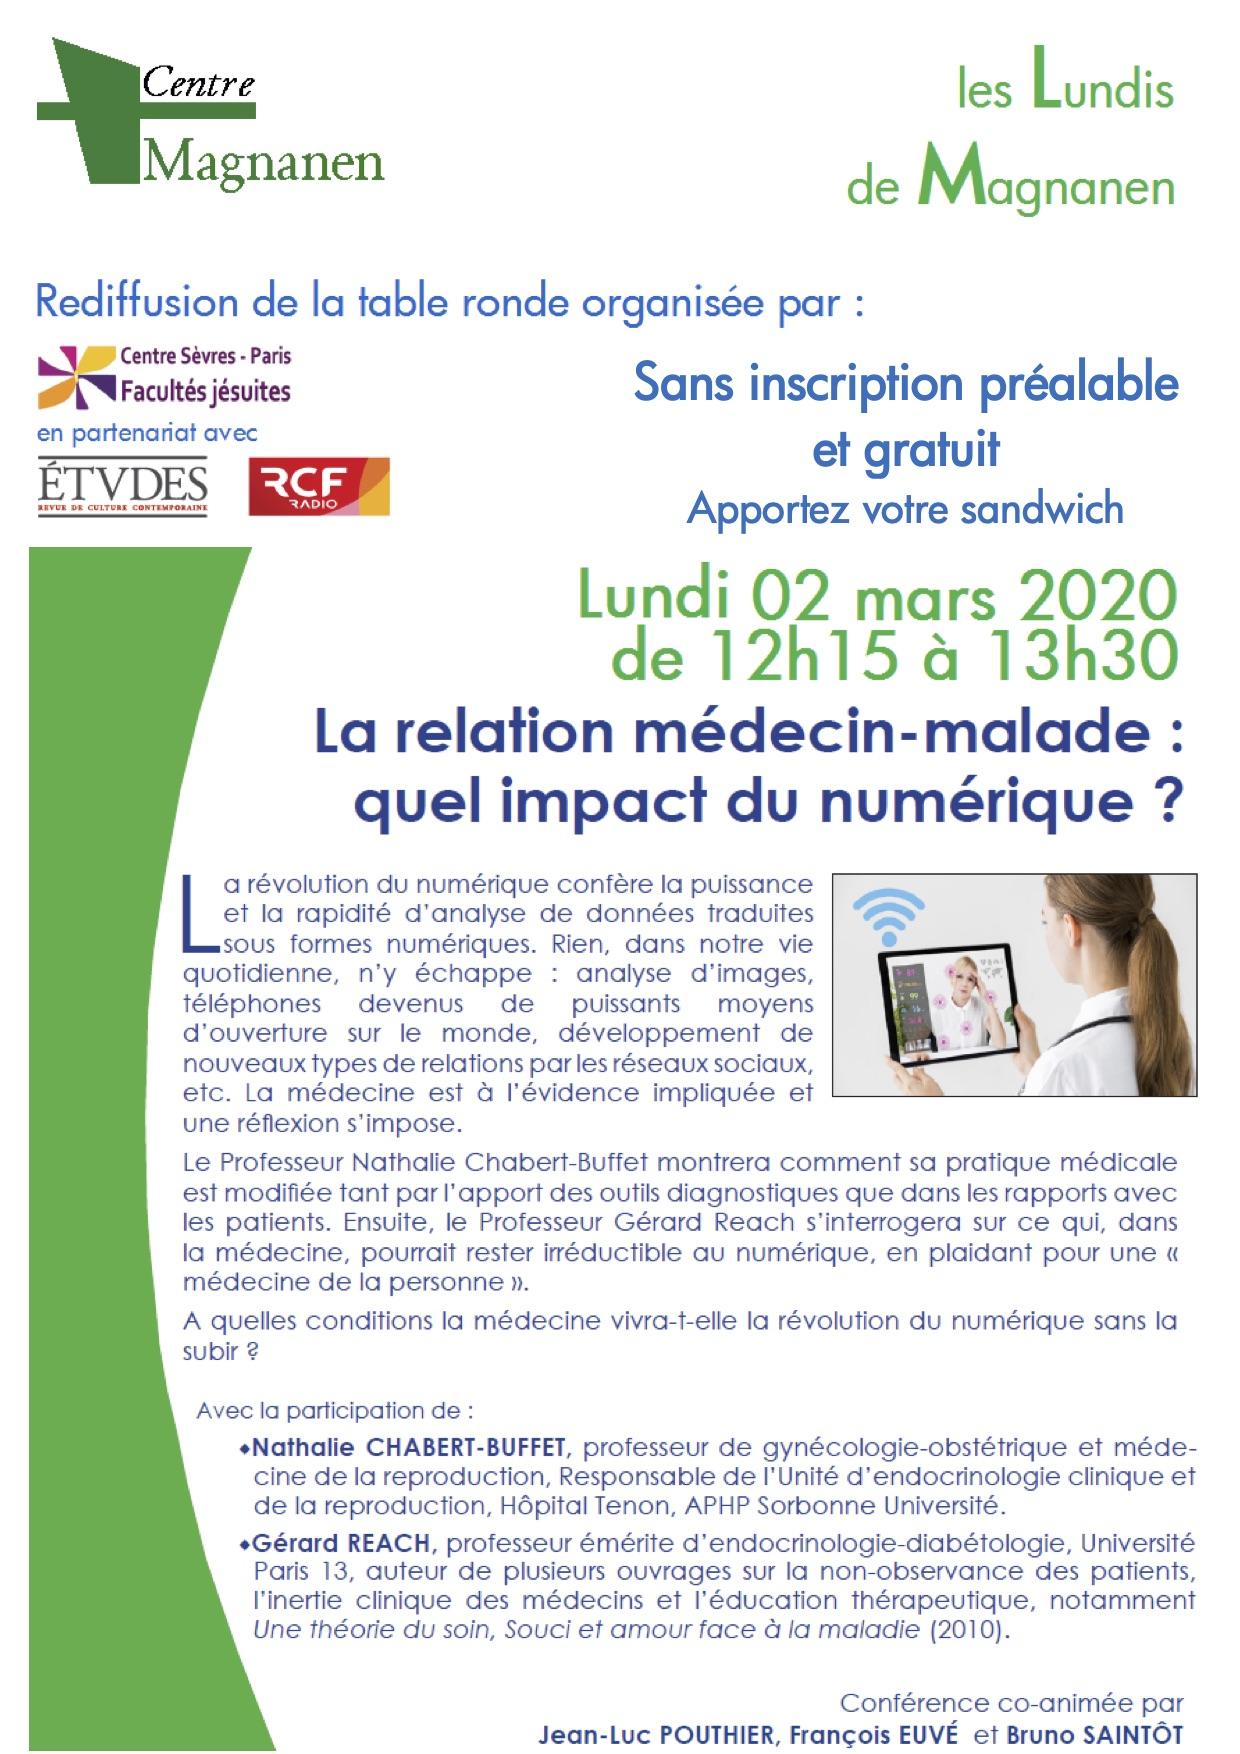 Lundis de Magnanen - «La relation médecin-malade: quel impact du numérique? »